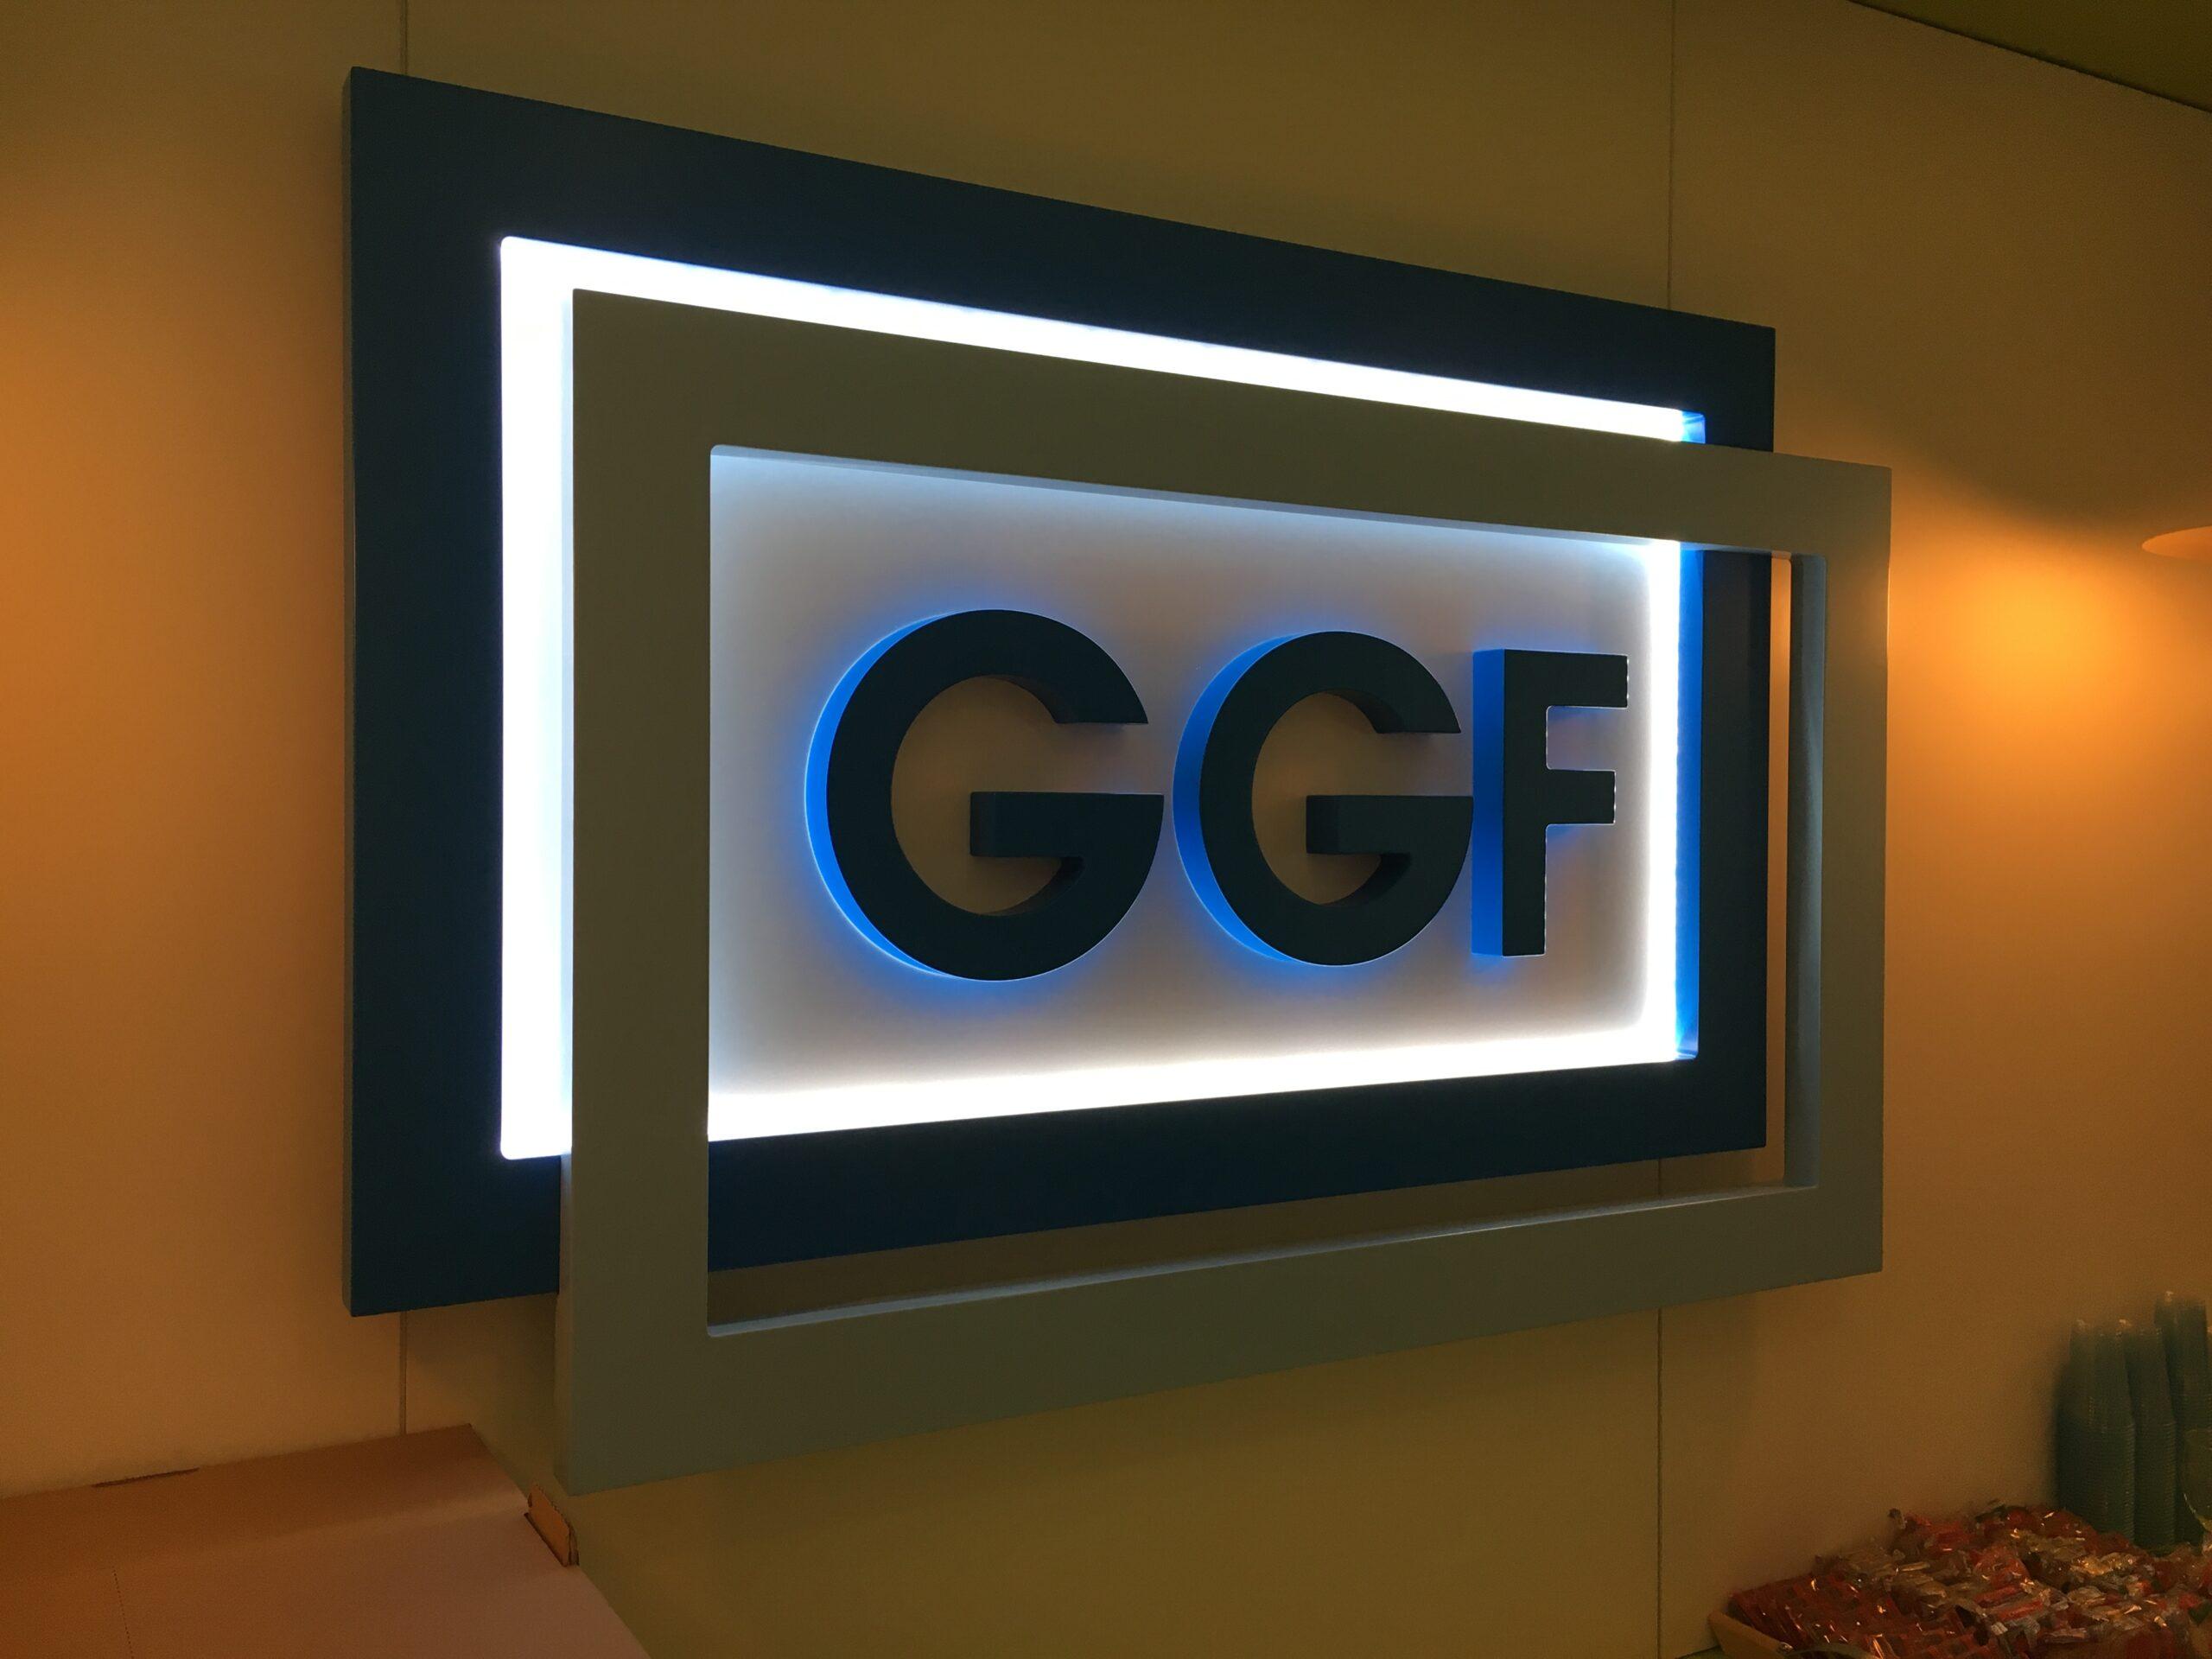 GGF 3